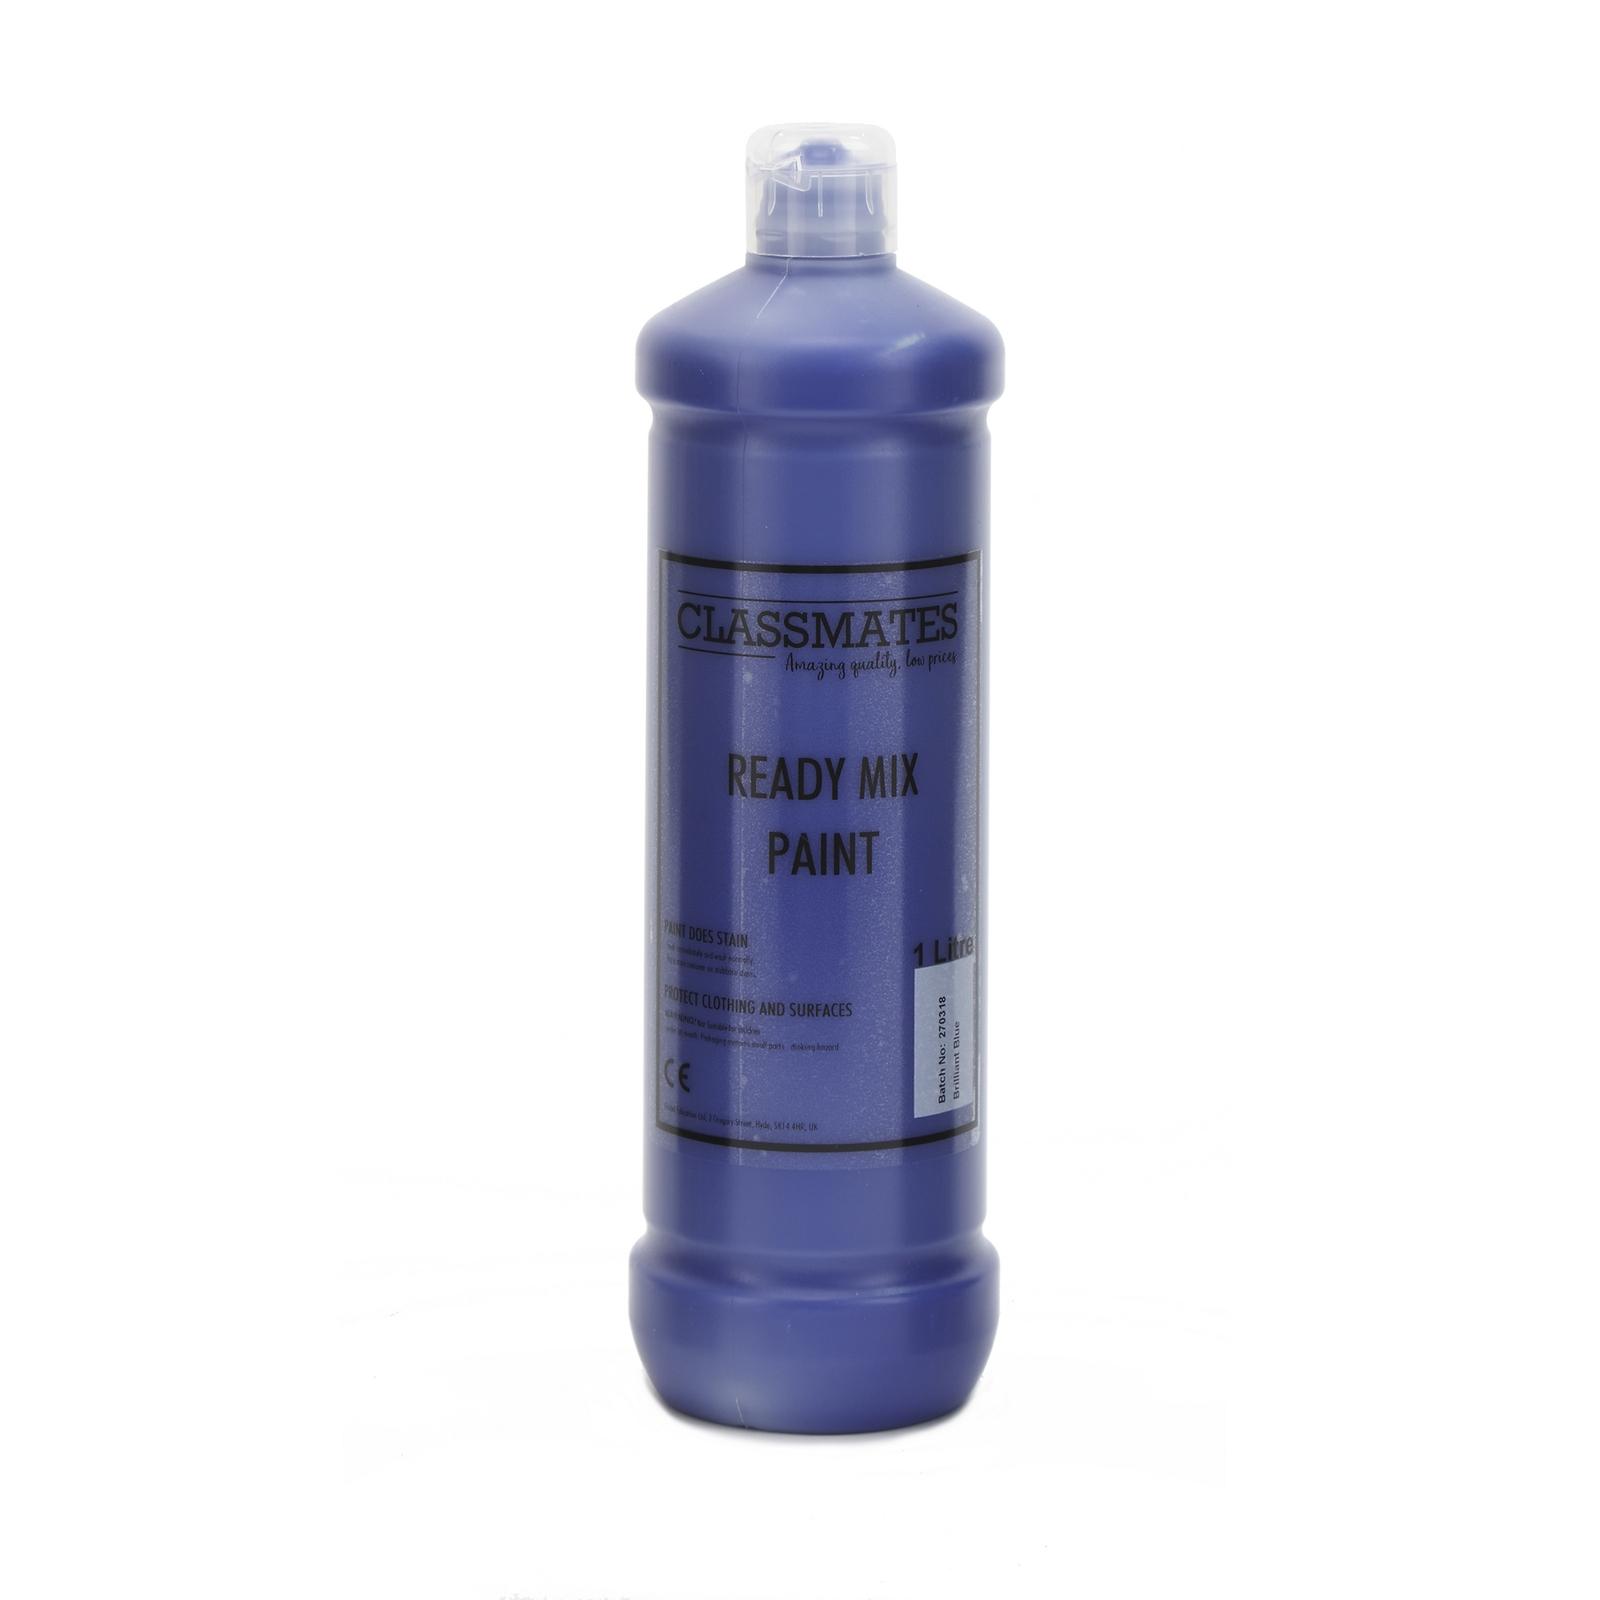 Classmates Ready Mixed Paint in Brilliant Blue - 1 Litre Bottle